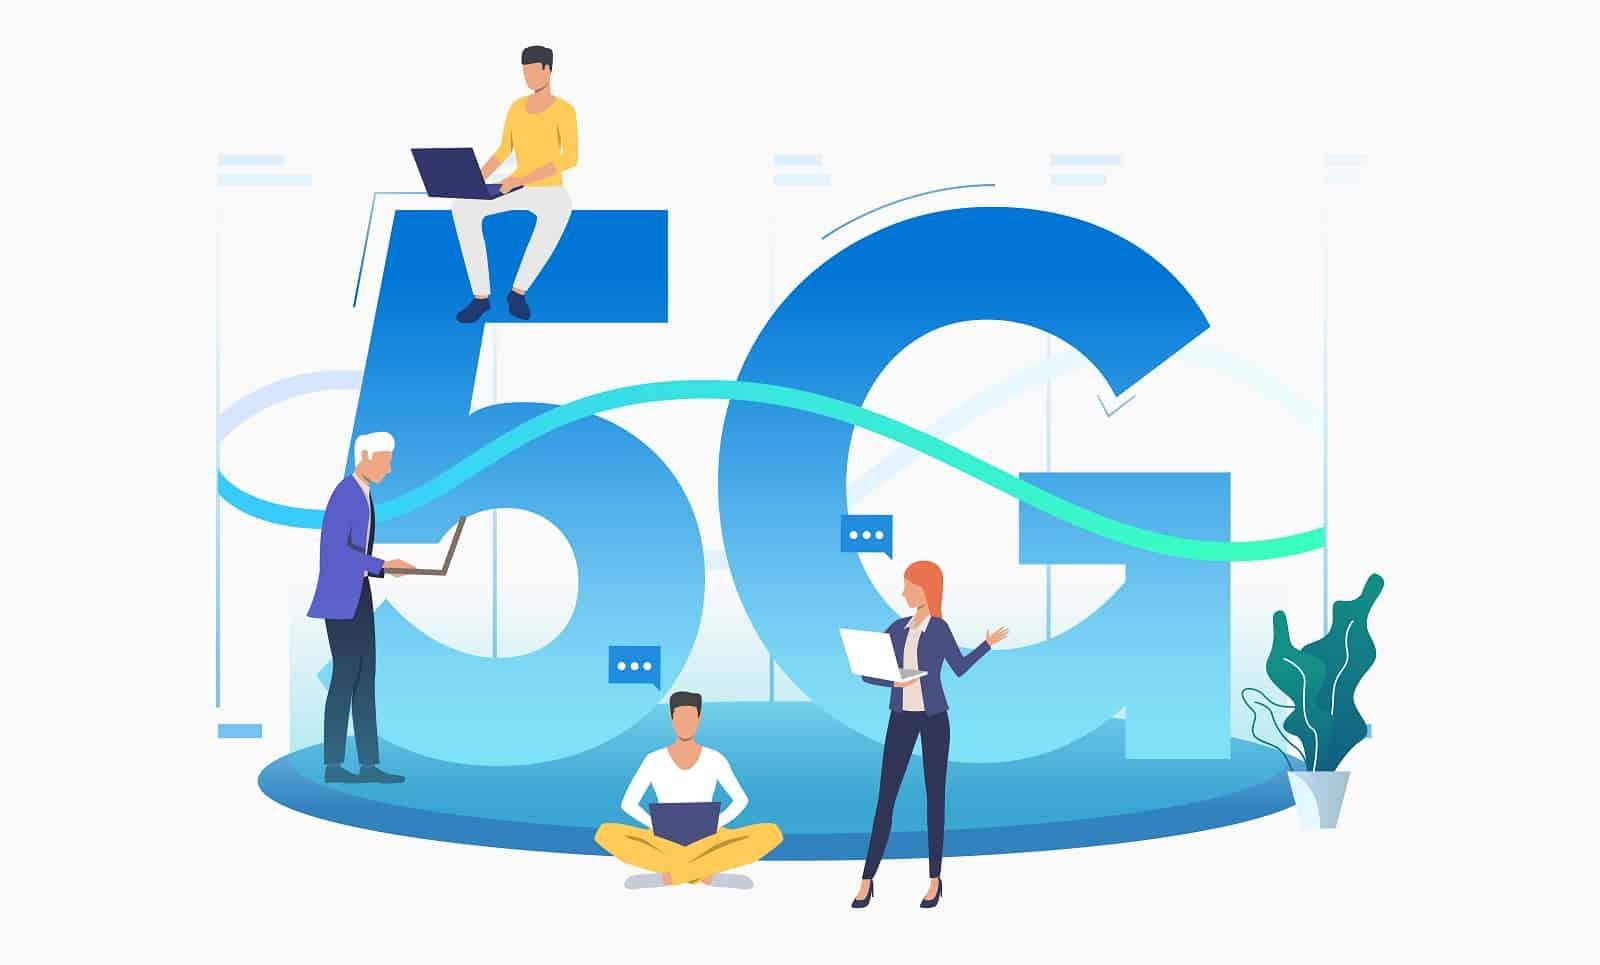 Встреча пройдет в рамках Индустриального Совета Центра компетенций НТИ на базе Сколтеха по технологиям беспроводной связи и интернету вещей (ЦК НТИ). На заседание «Клуба 5G» приглашены представители операторов и профильных…